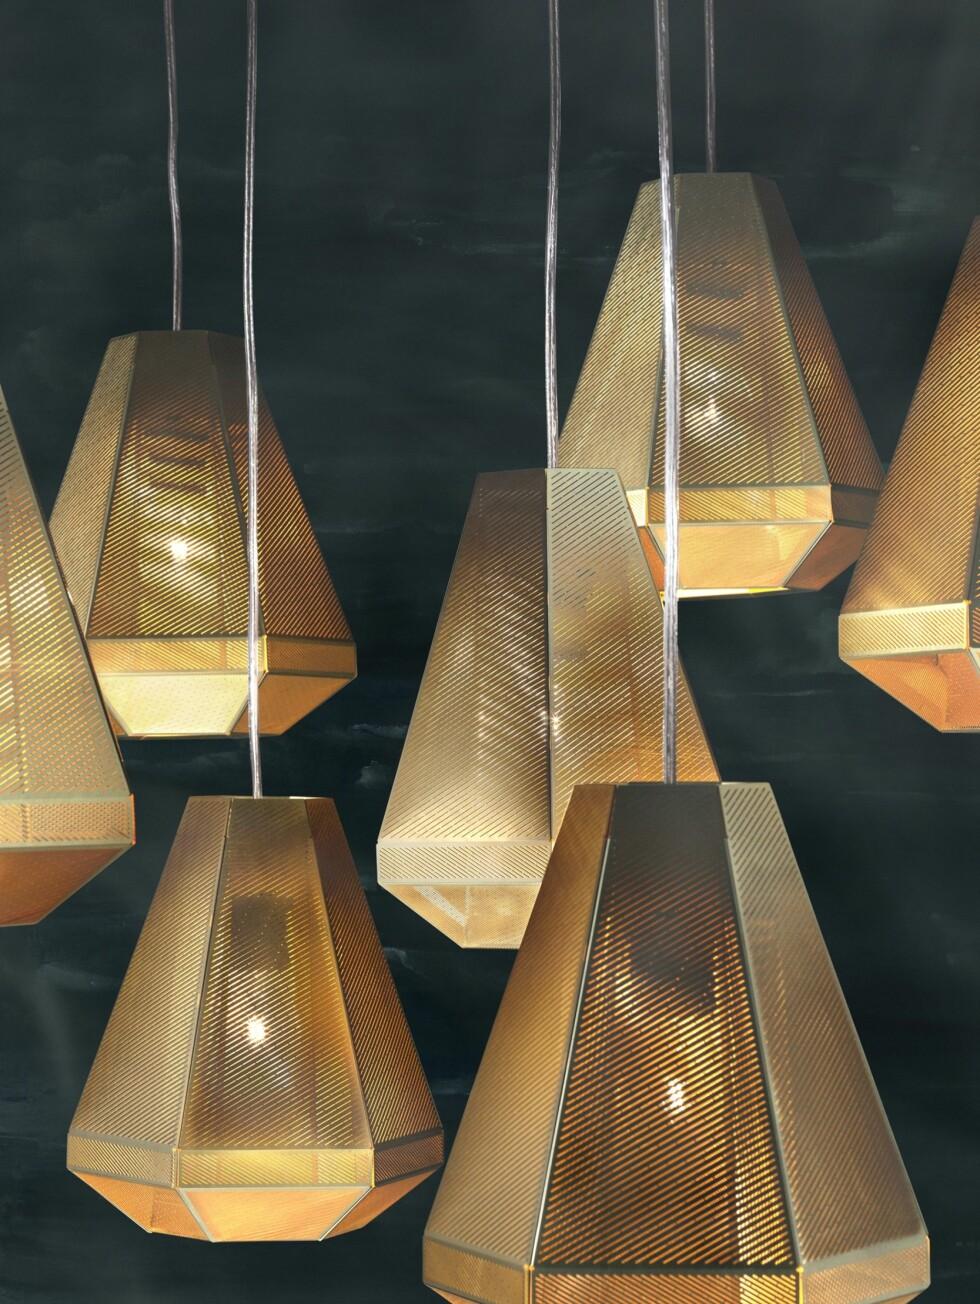 Cell- lampene kan fint brukes alene, men egner seg også spesielt godt sammen, slik flere av Dixons lamper gjør. Lampene er laget av flere lag av etset og polert messing, og kan minne i overflaten om Etch-lampene fra i fjor, som blant annet kan ses på Stordalens nye hotell The Thief på Tjuvholmen. Foto: Tom Dixon